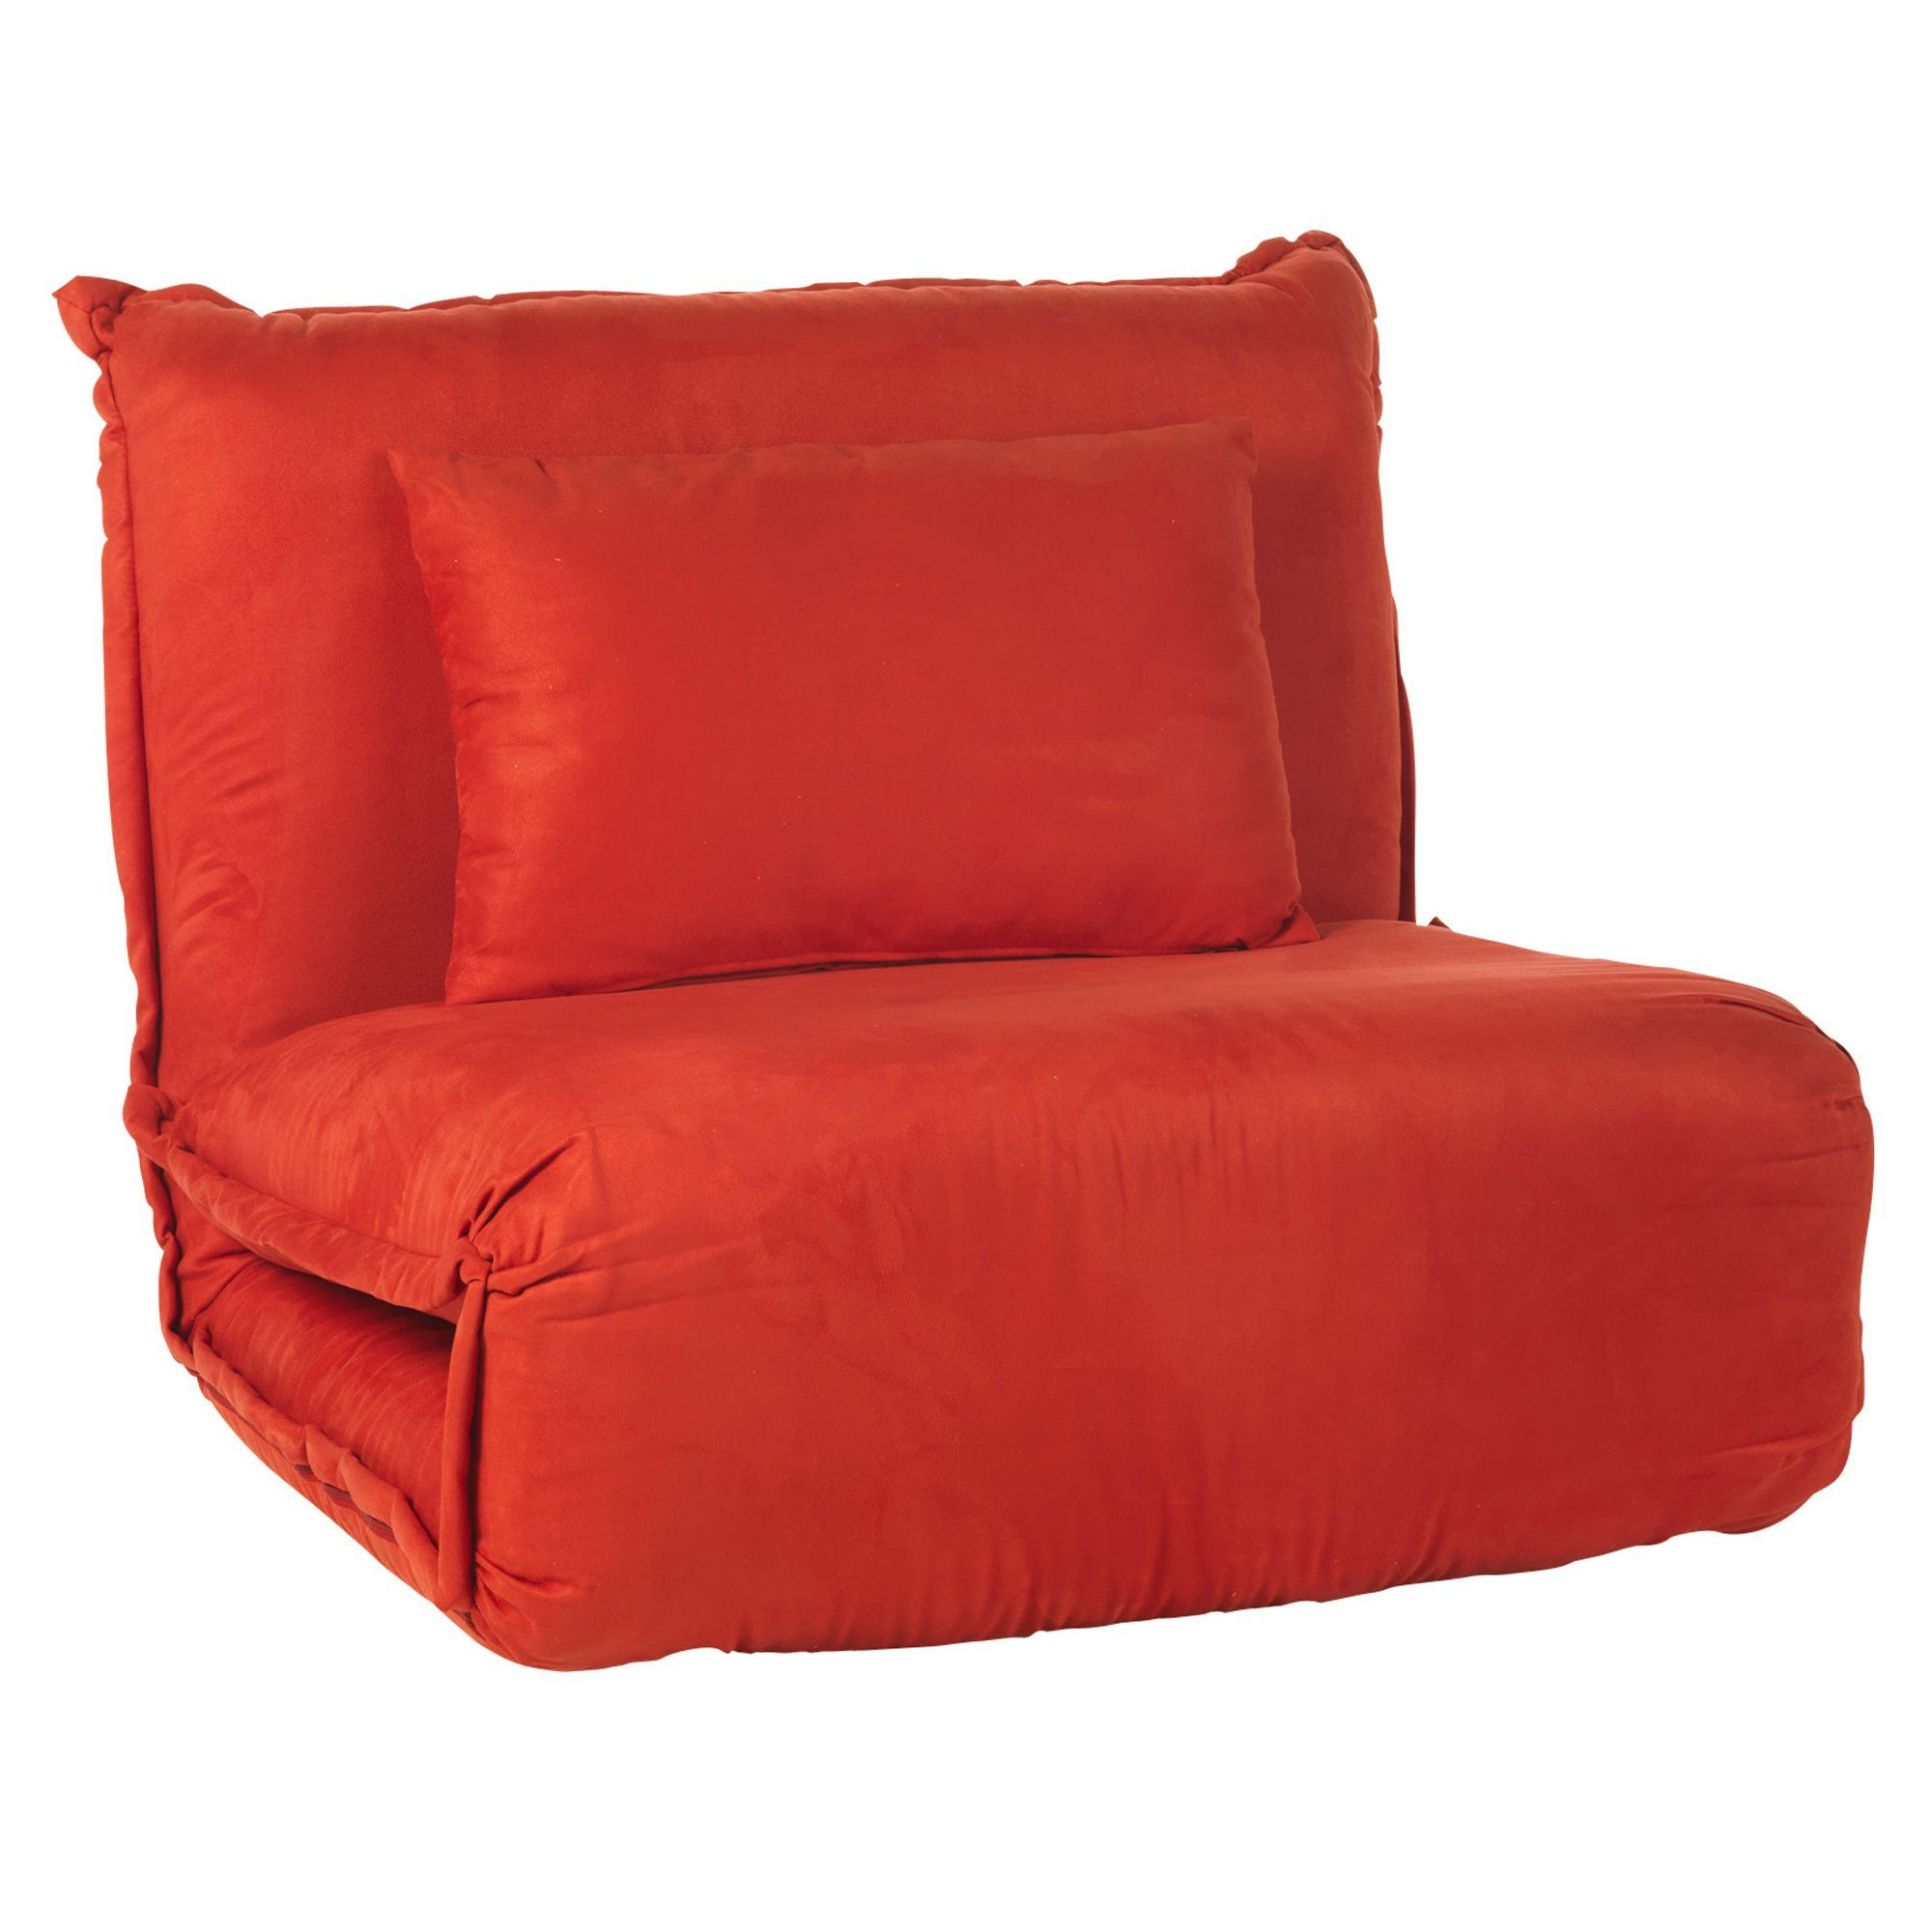 Fauteuil Lit Convertible Alinea fauteuil convertible rouge rouge - dodo - les fauteuils